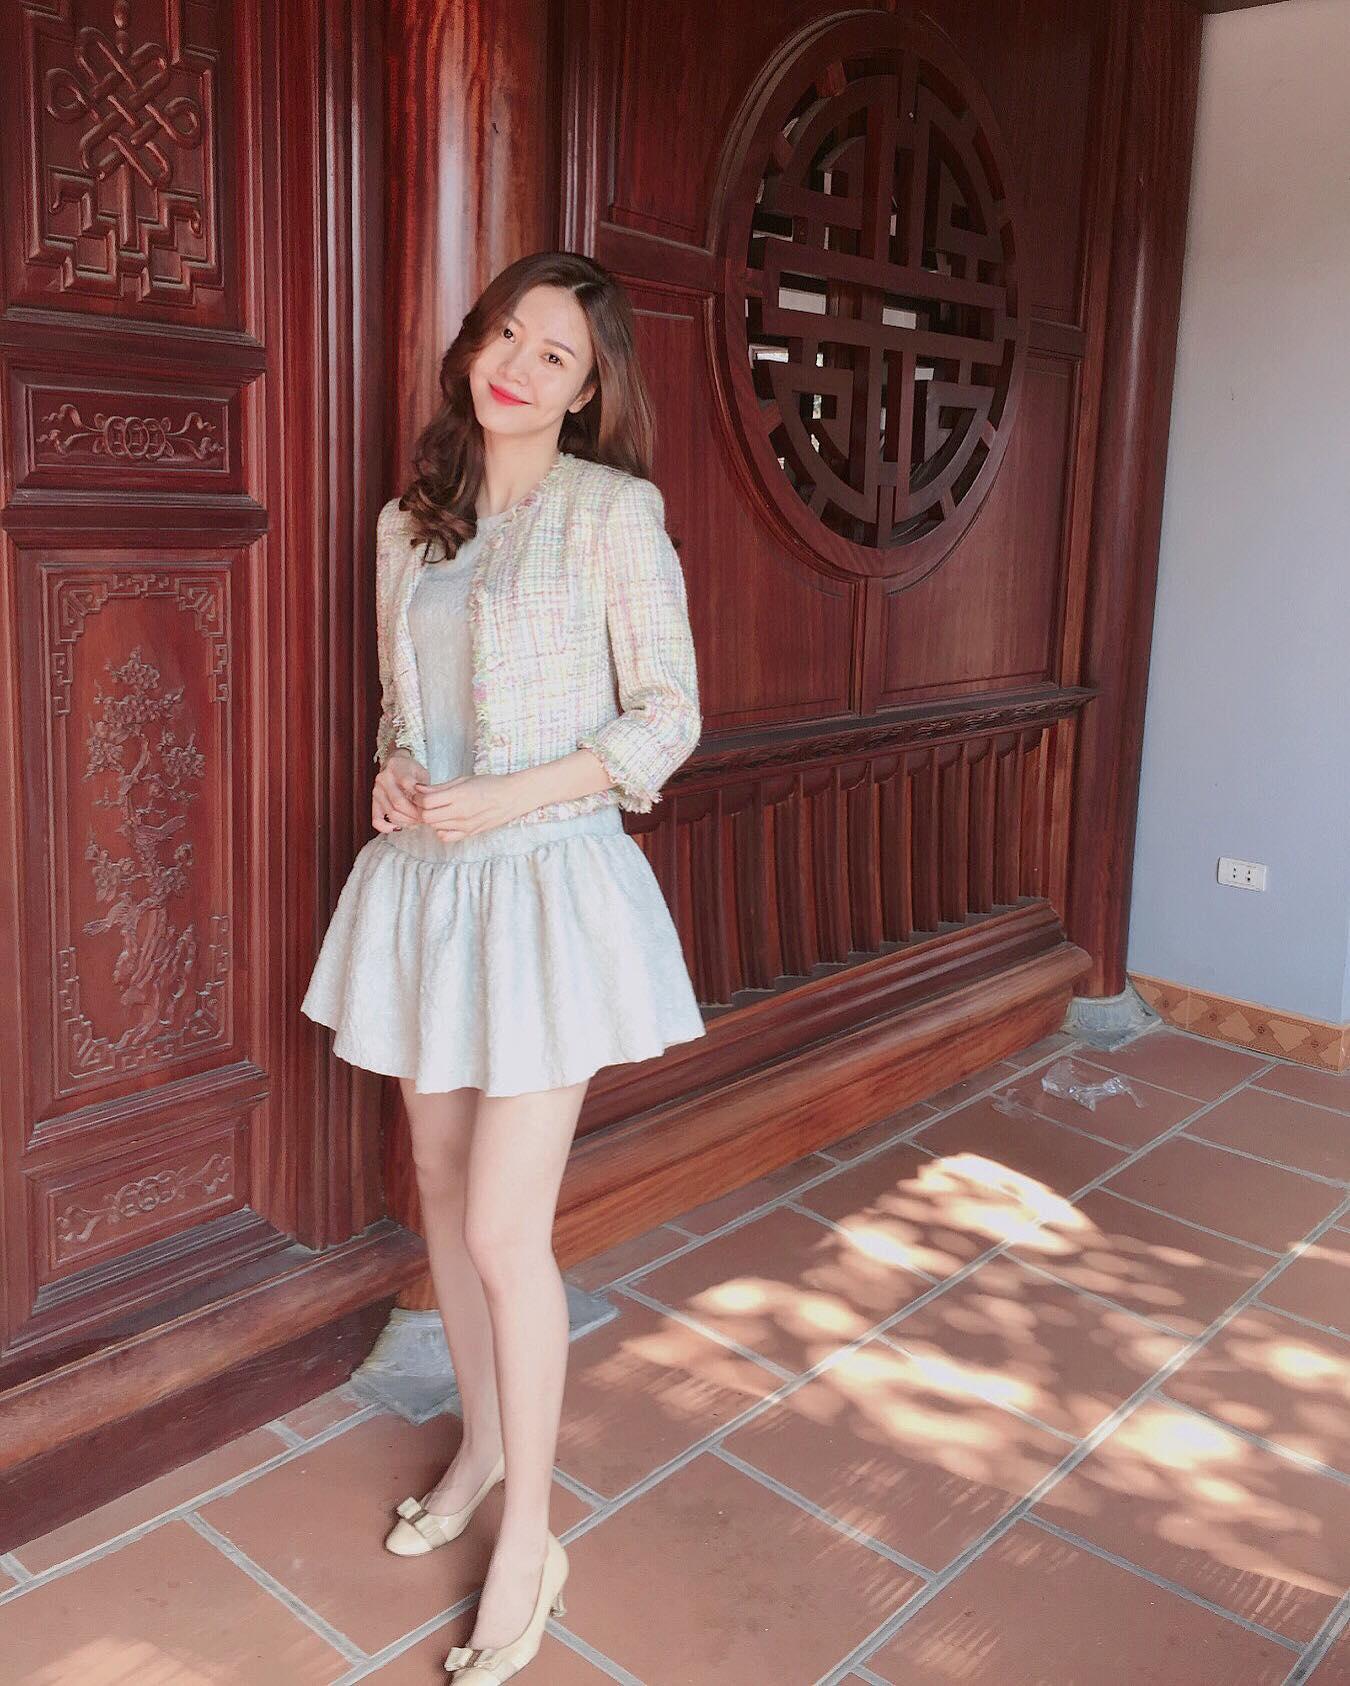 Vũ Ngọc Châm - người yêu mới của Decao sexy hẳn lên sau khi sửa ngực! - Ảnh 11.